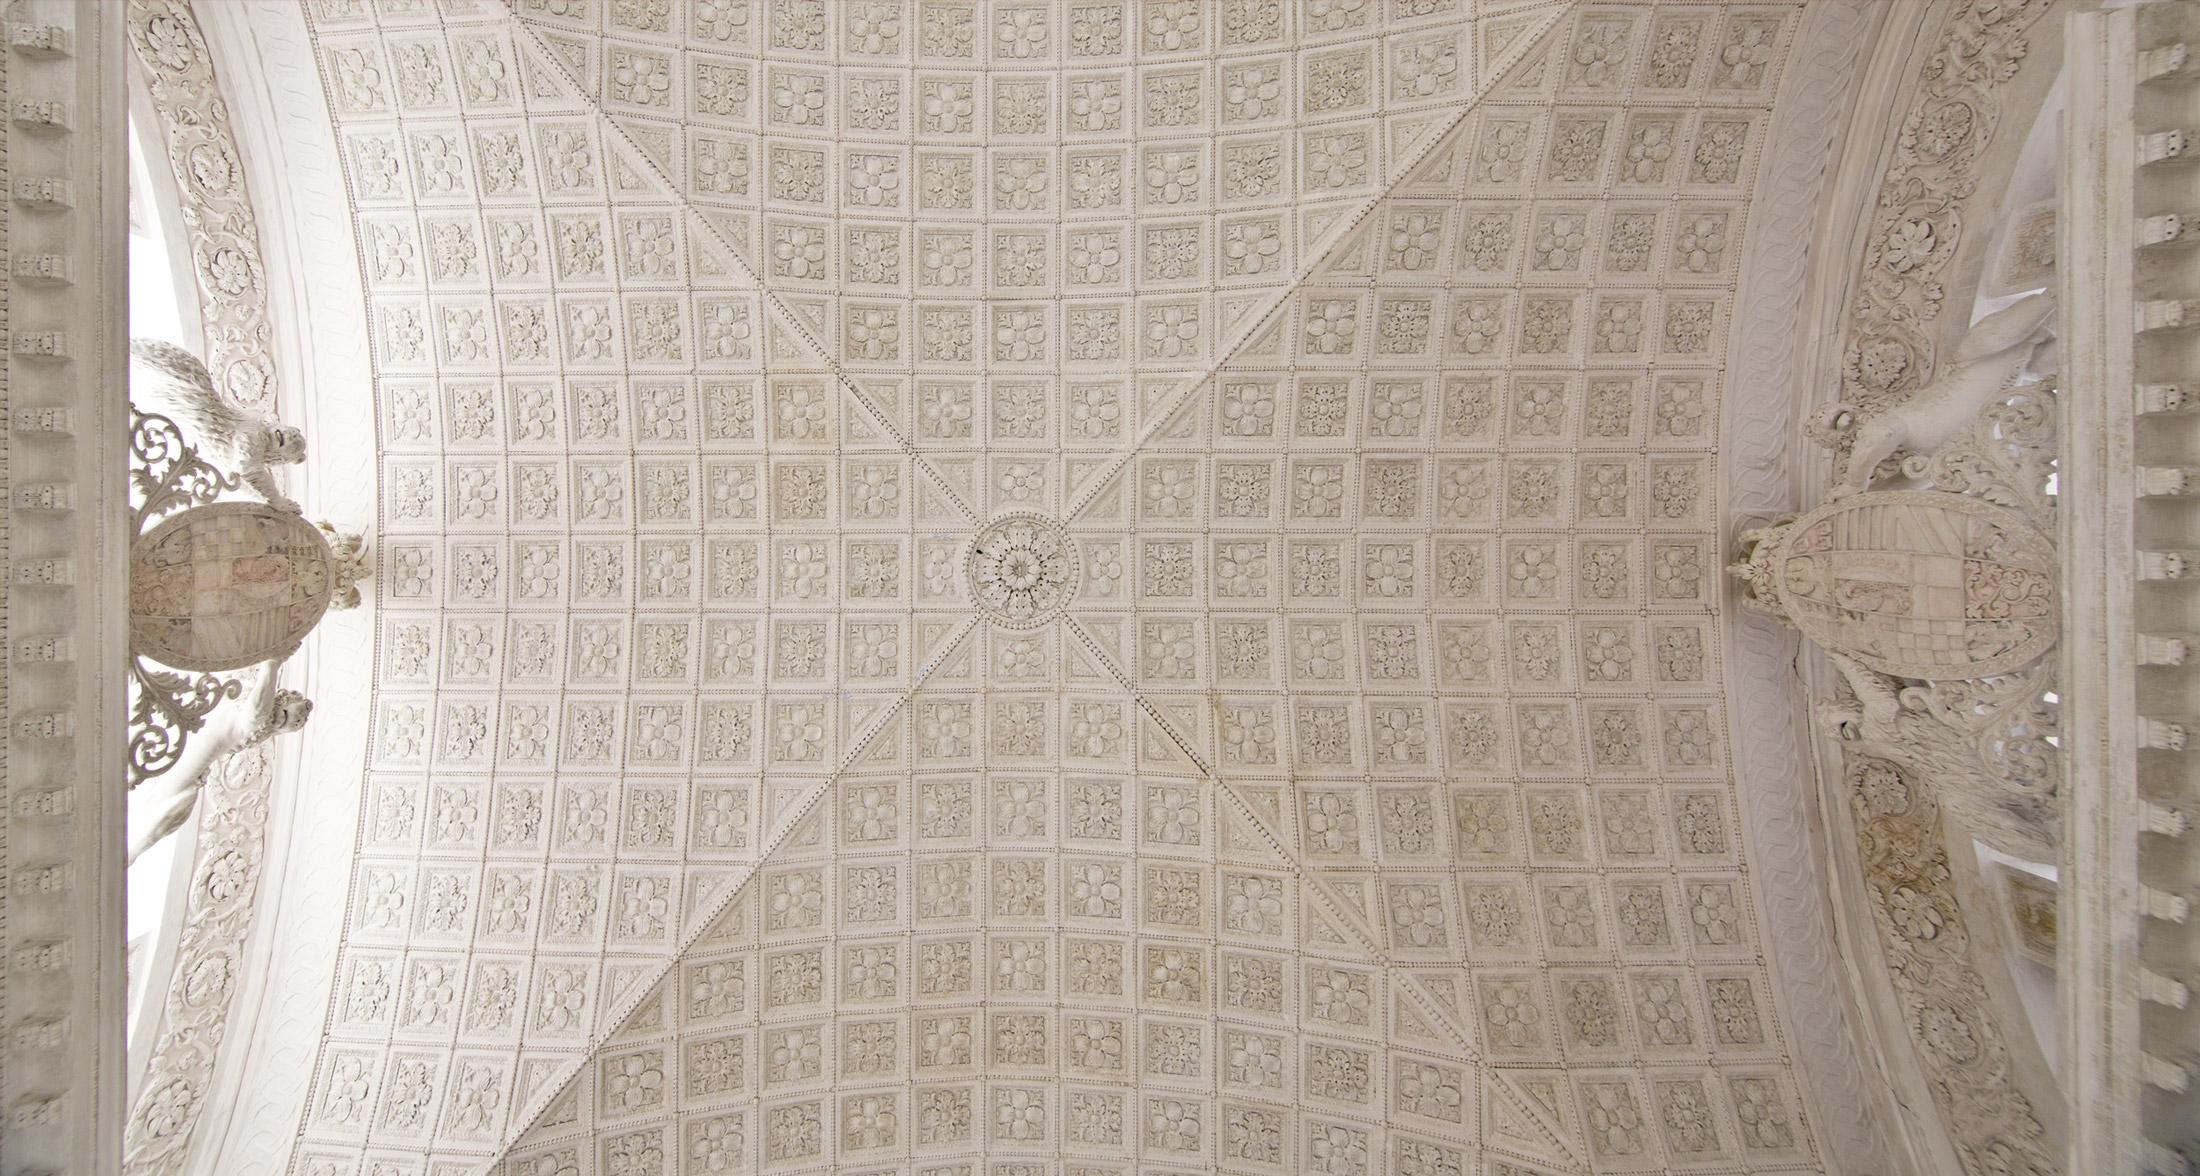 Zentraler Deckenbereich – Übersichtsaufnahme Schlusszustand